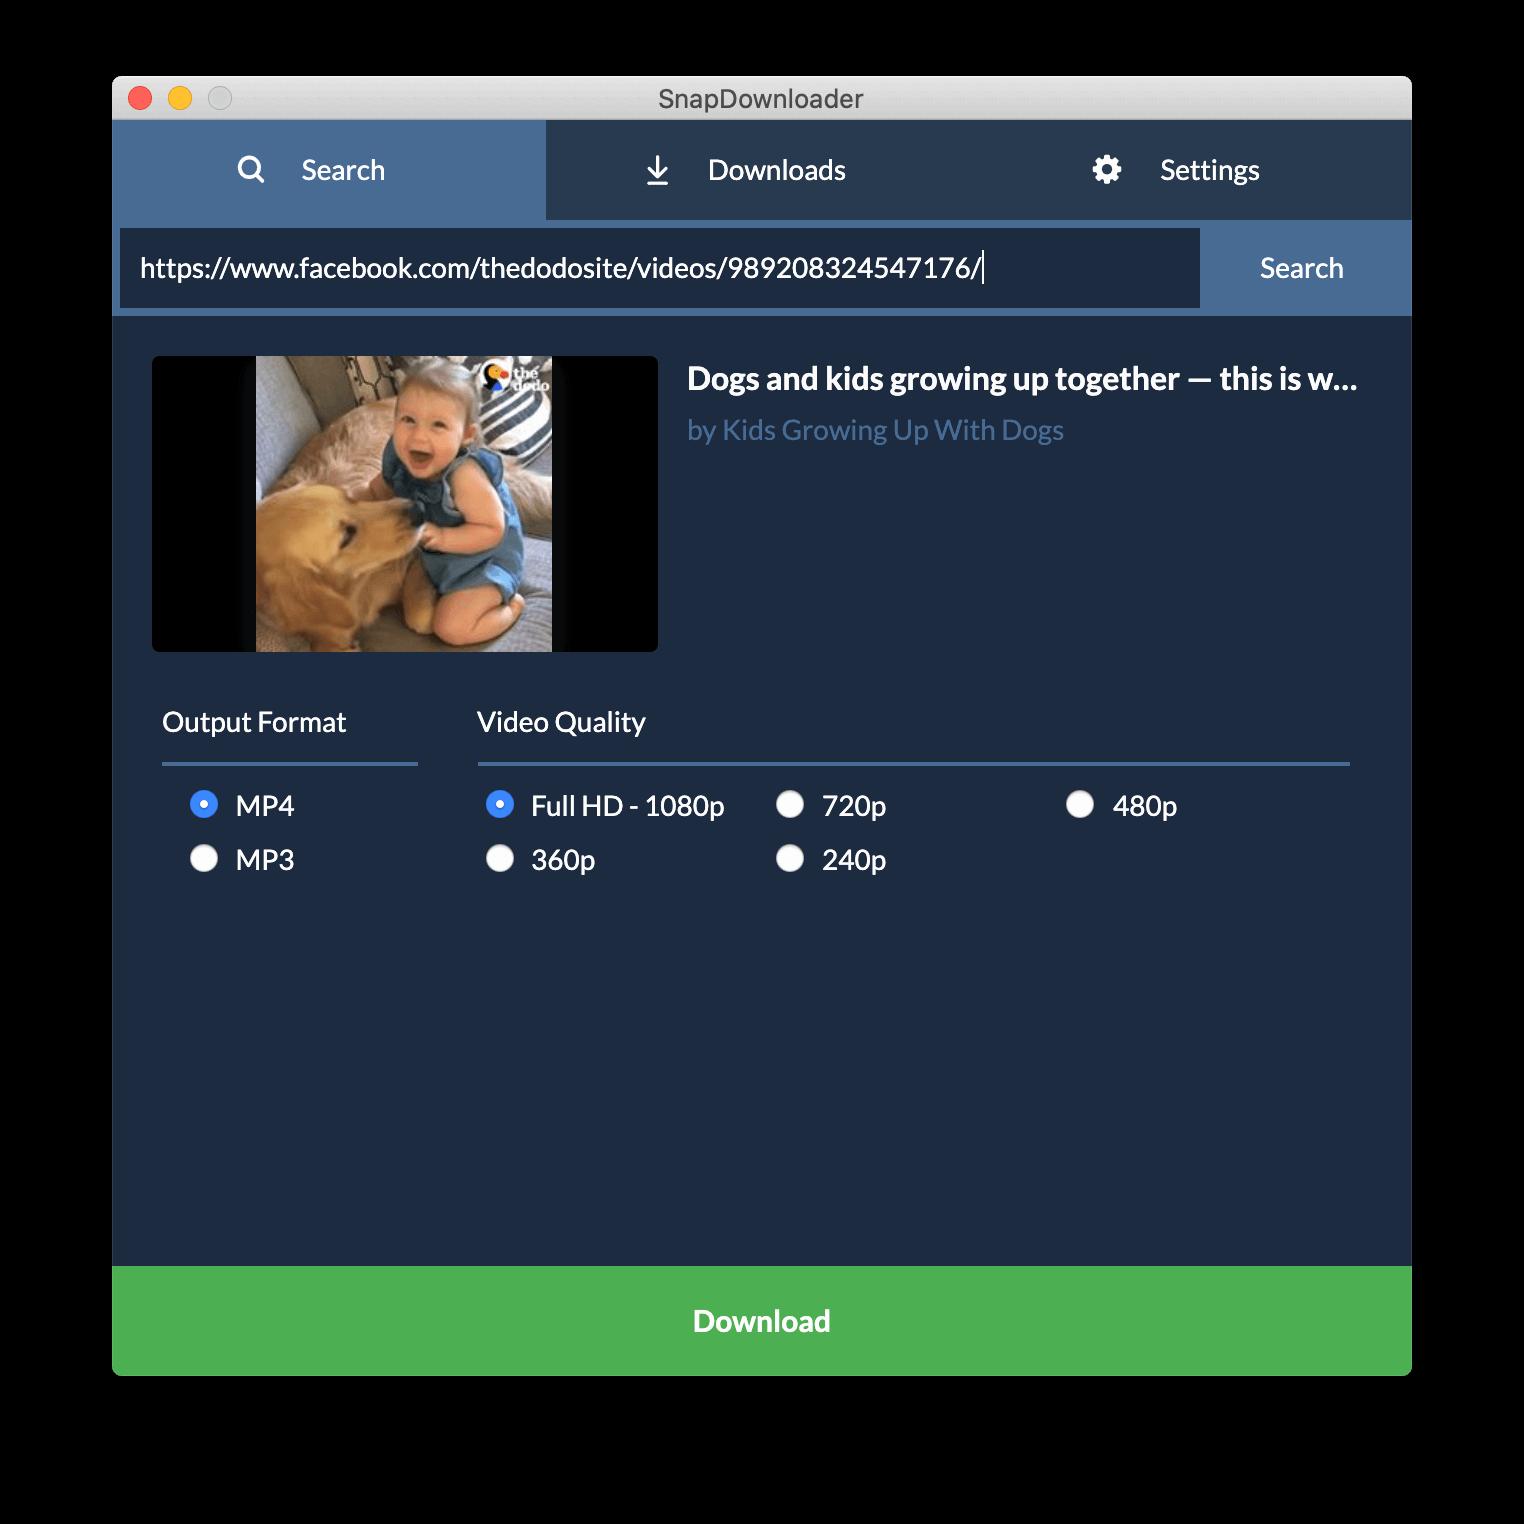 Facebook video downloader - SnapDownloader